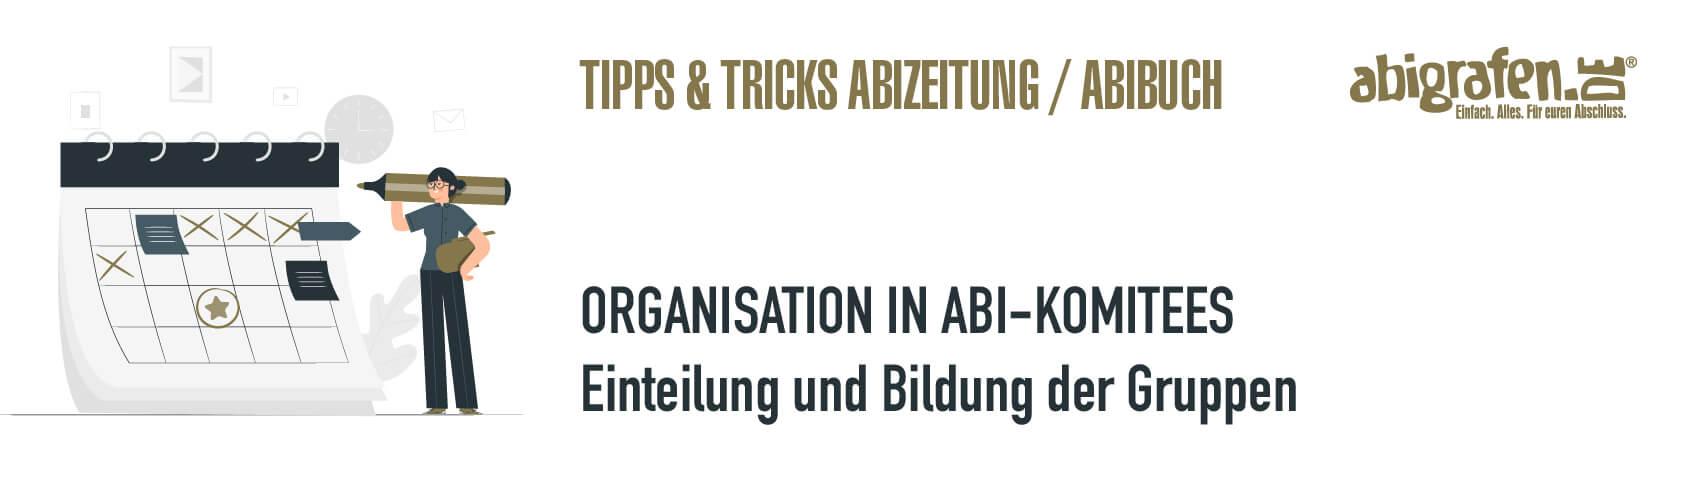 abigrafen-abizeitung-tipps-und-tricks-organisation-gruppenbildung